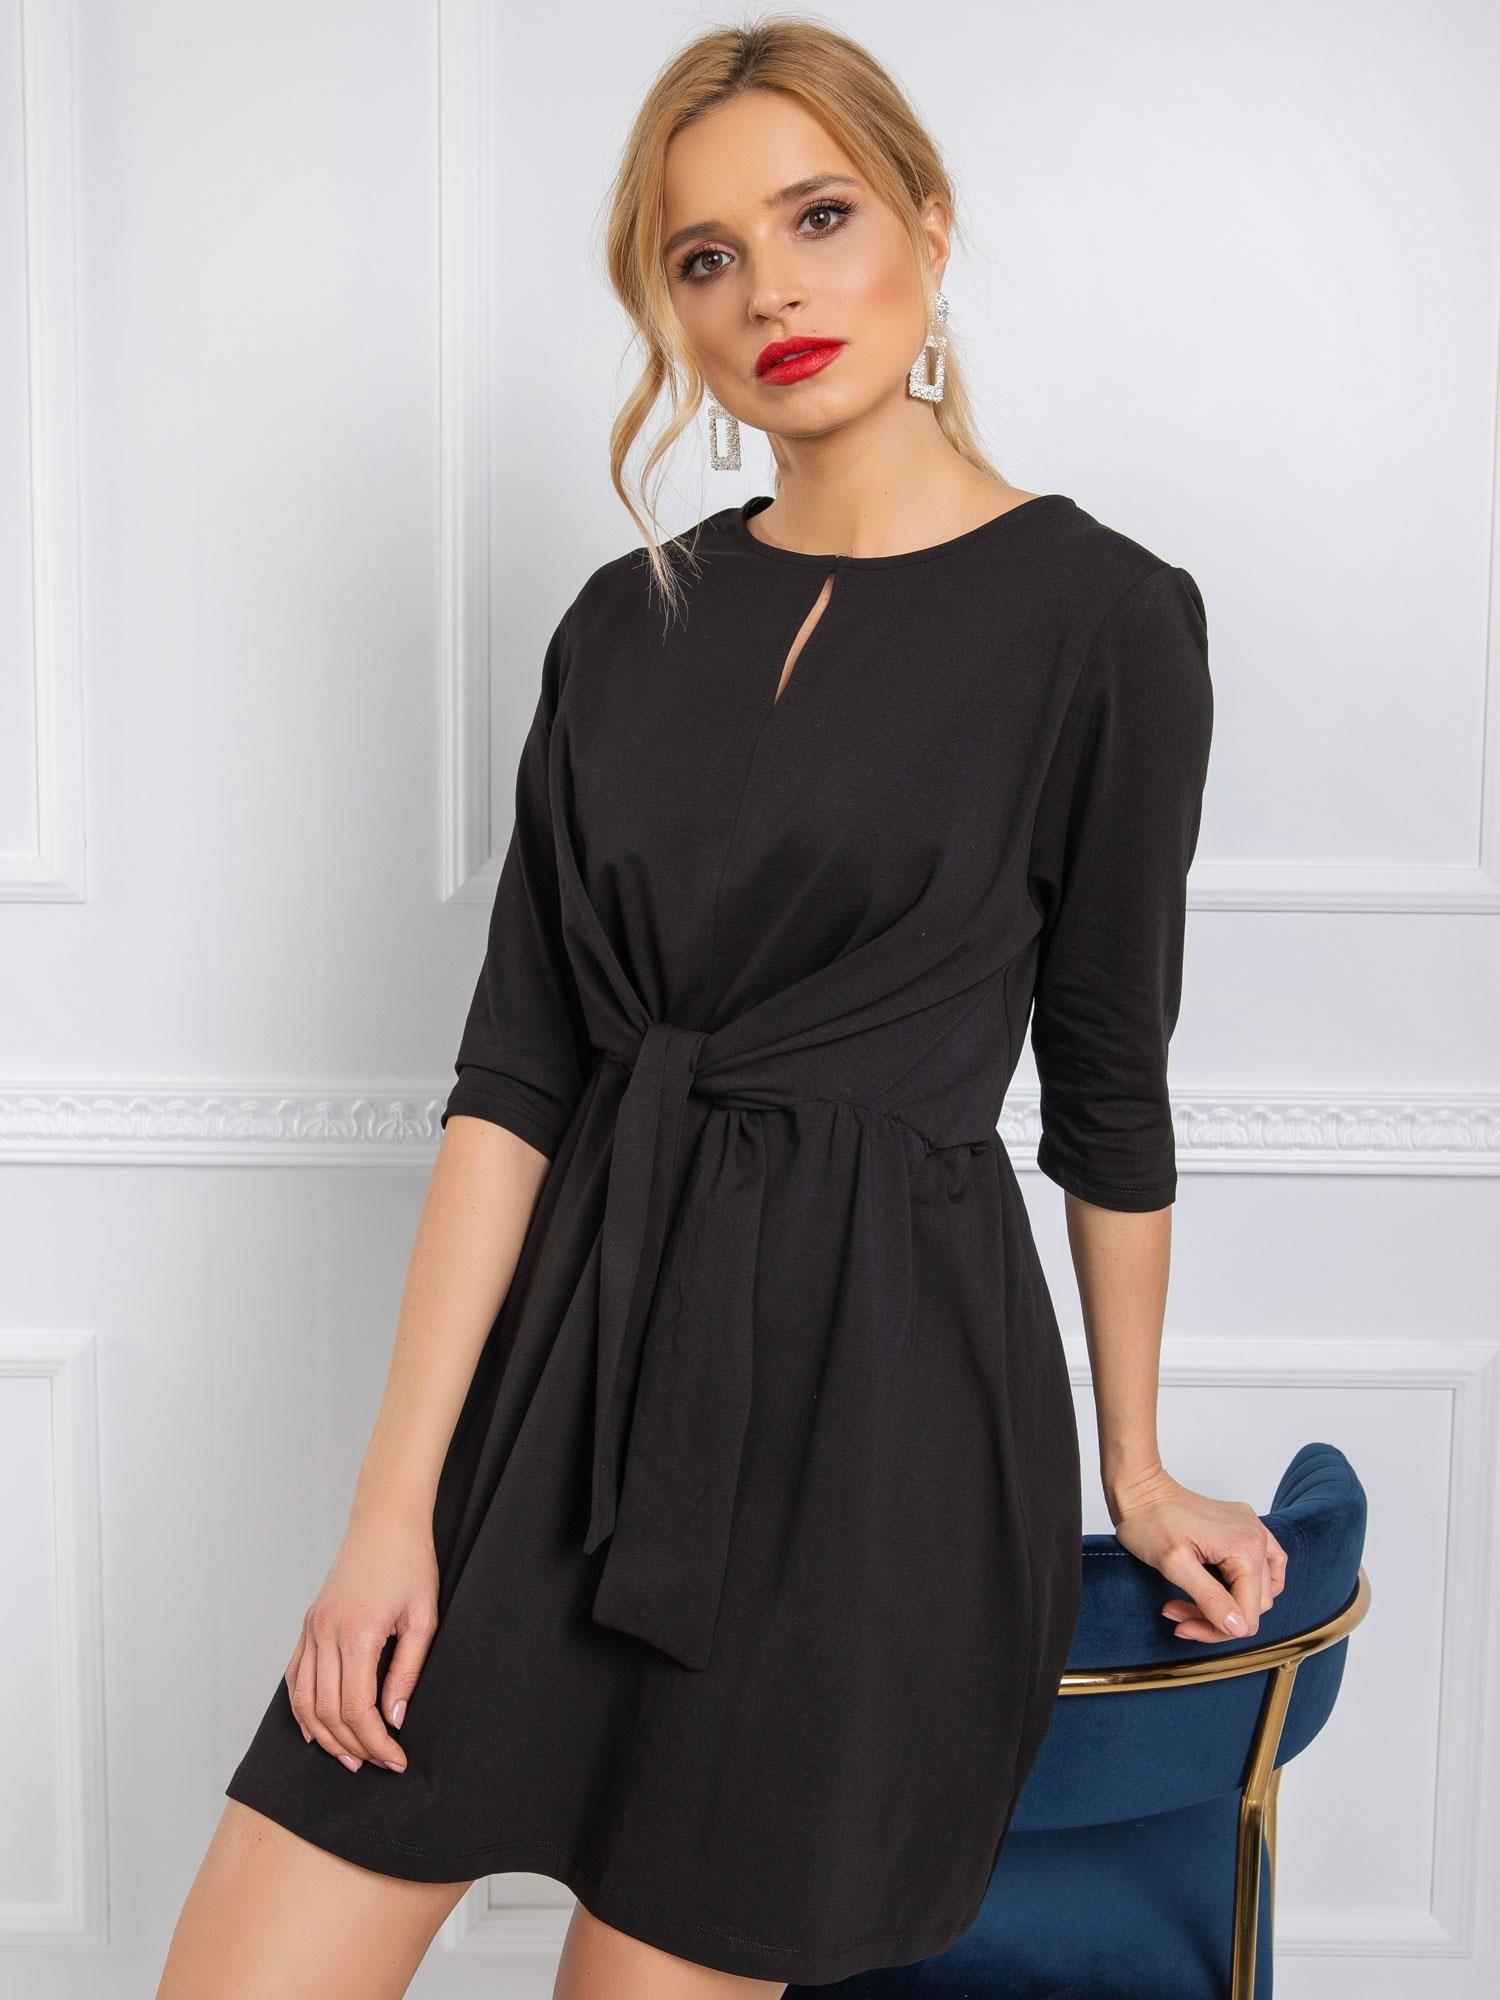 Dámske čierne šaty s viazaním - S